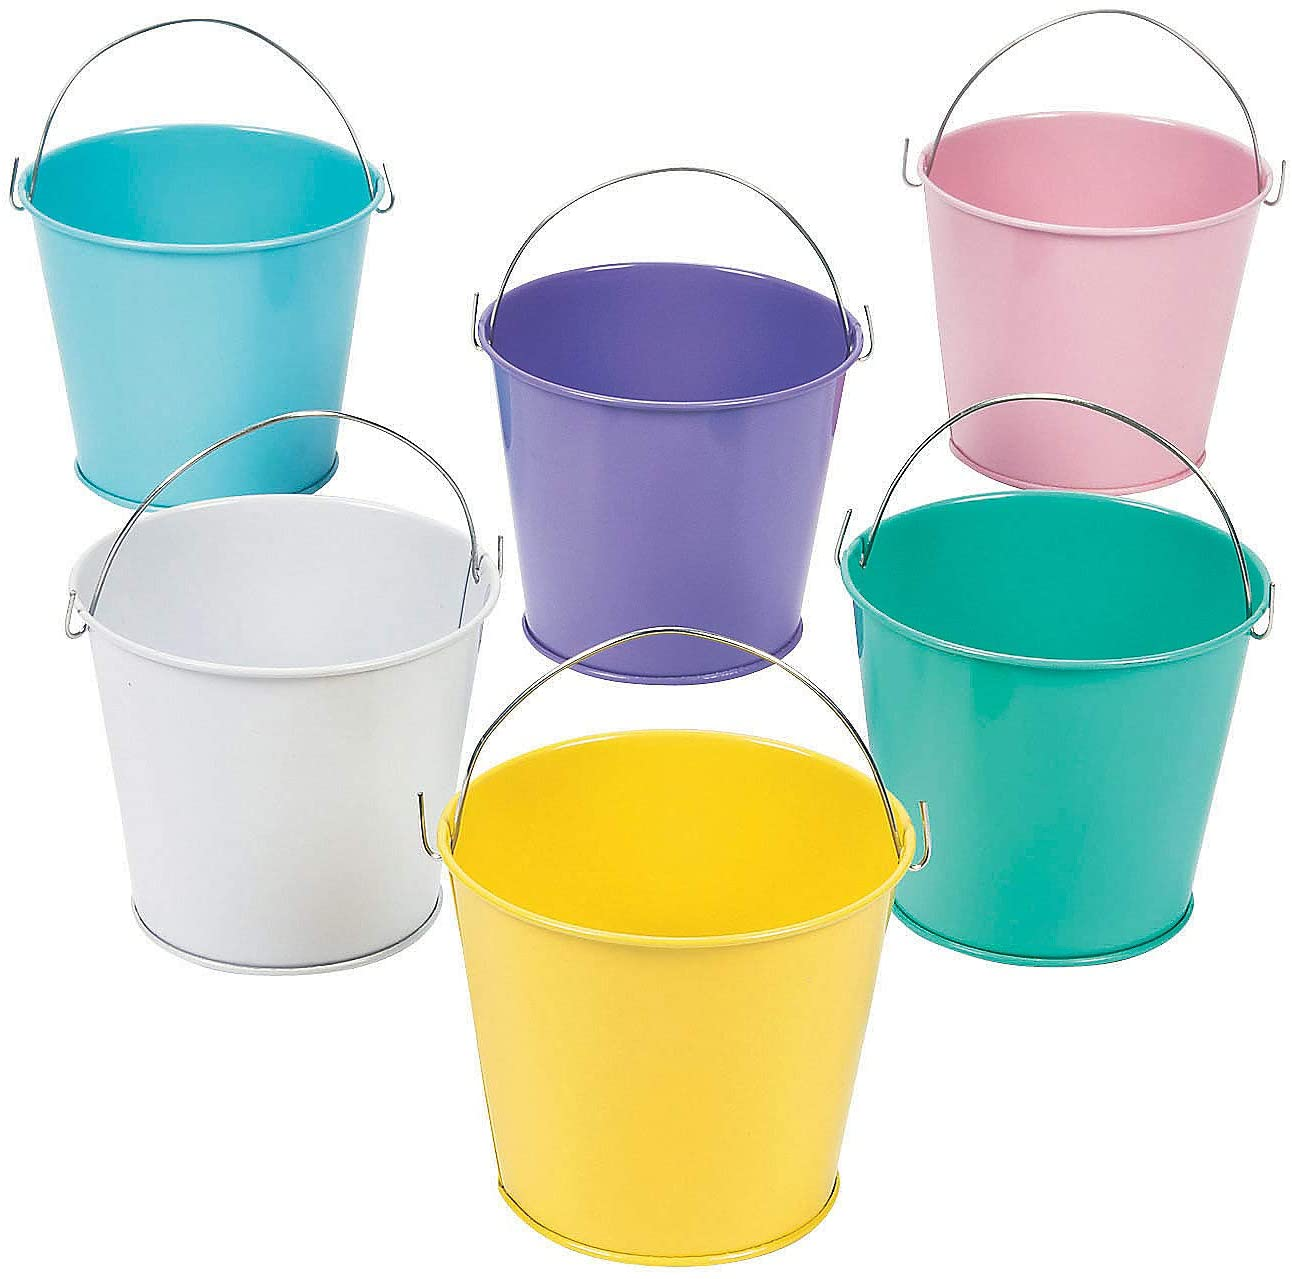 bathroom buckets